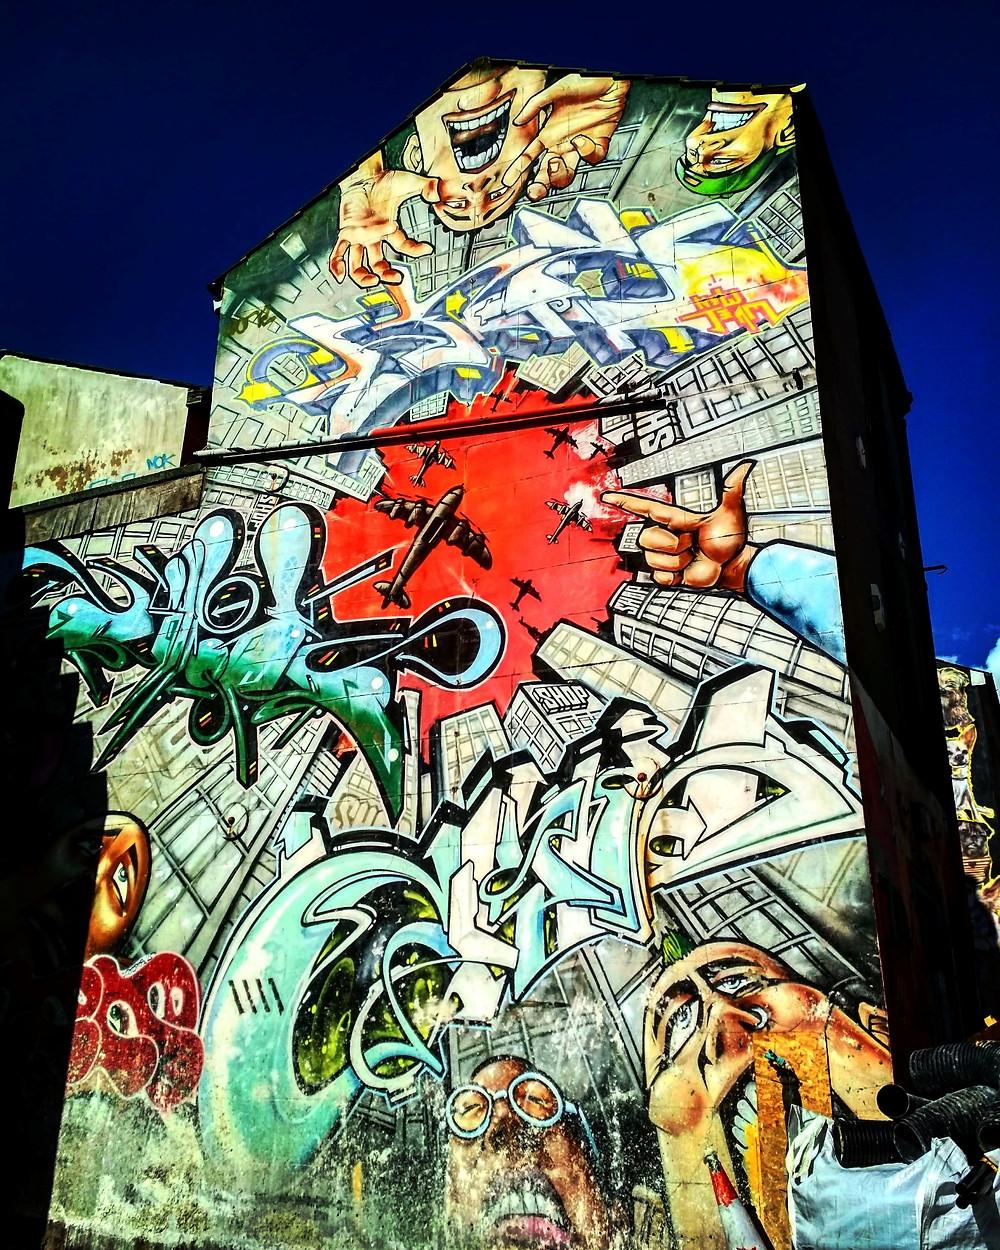 Comic book graffiti